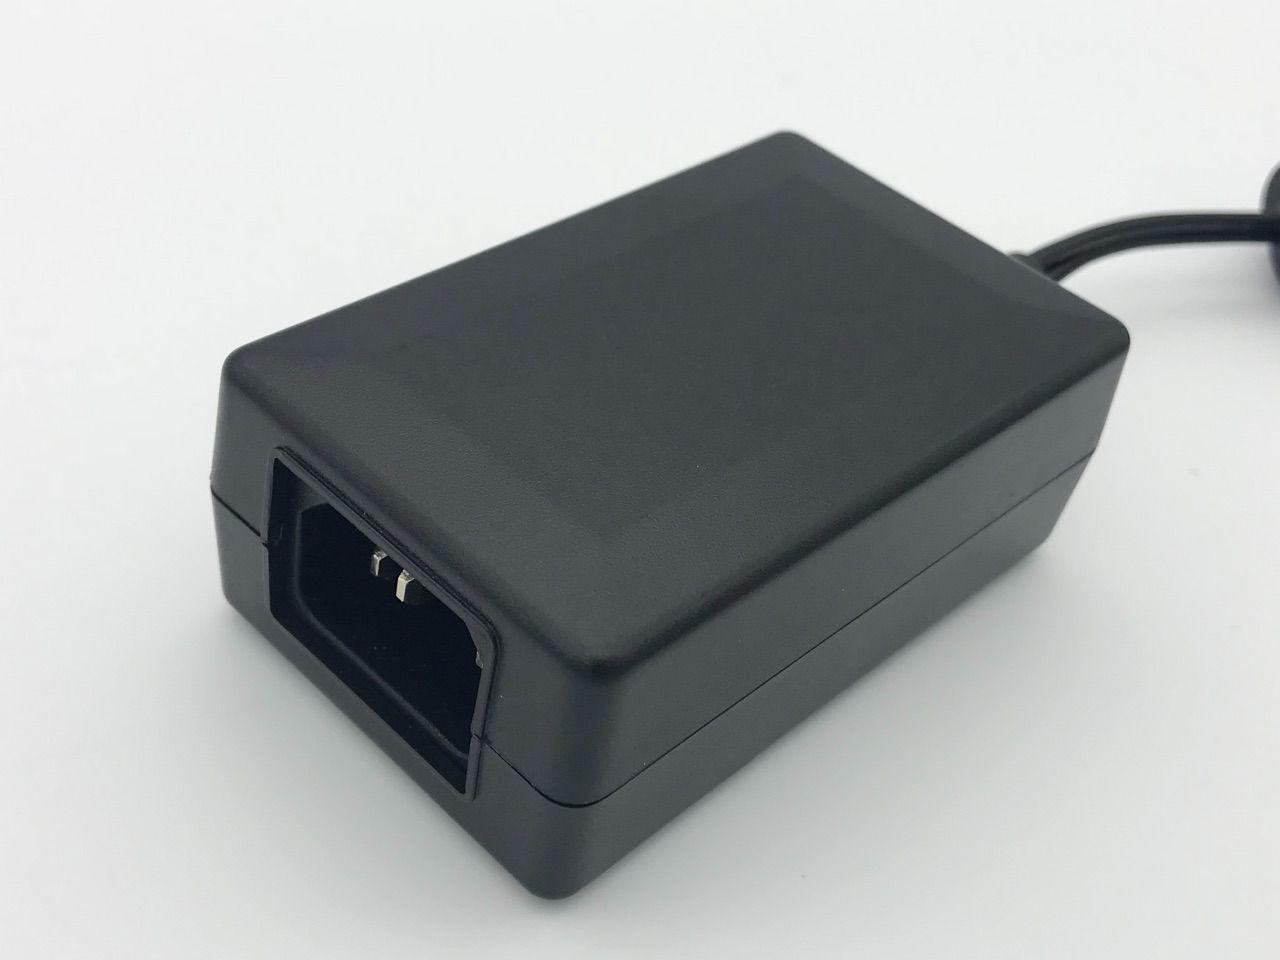 62368-1 Efficiency VI Desk-Top Power Supply